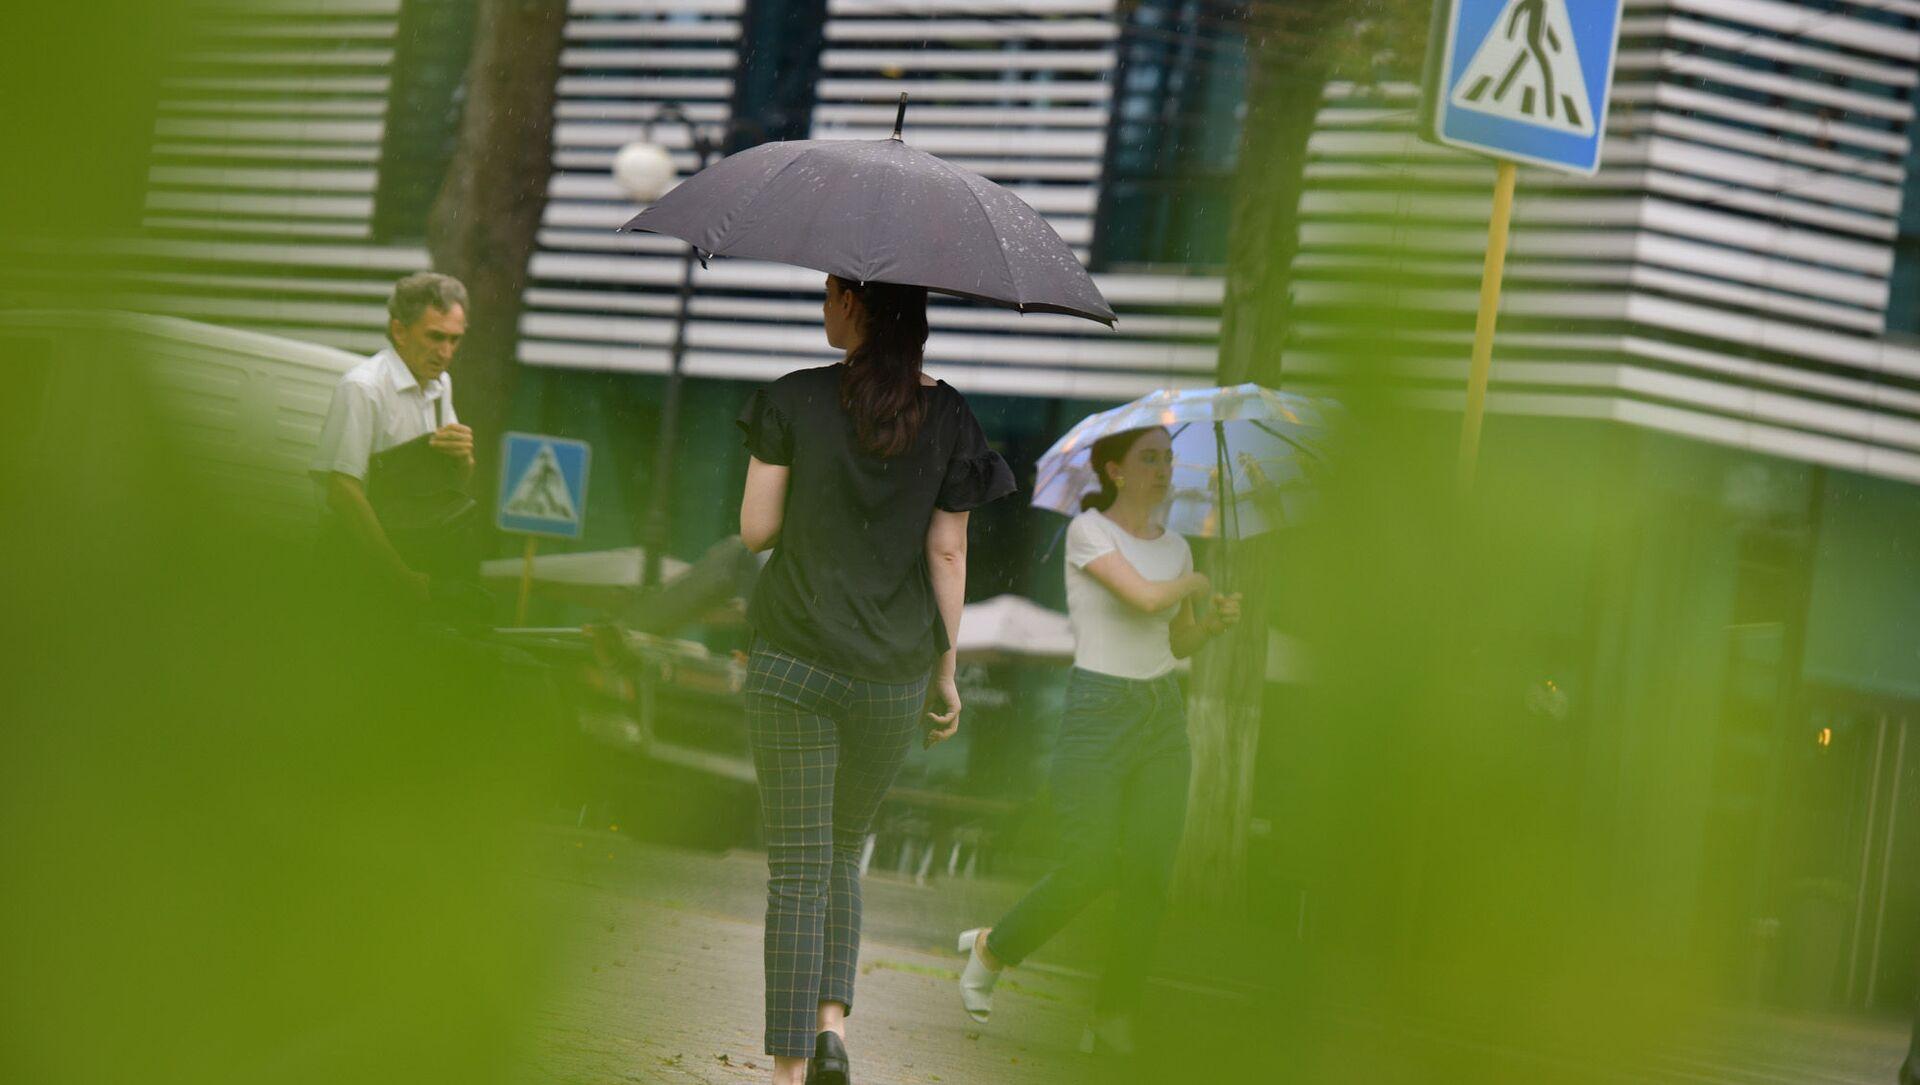 Девушка под зонтом  - Sputnik Абхазия, 1920, 22.08.2021